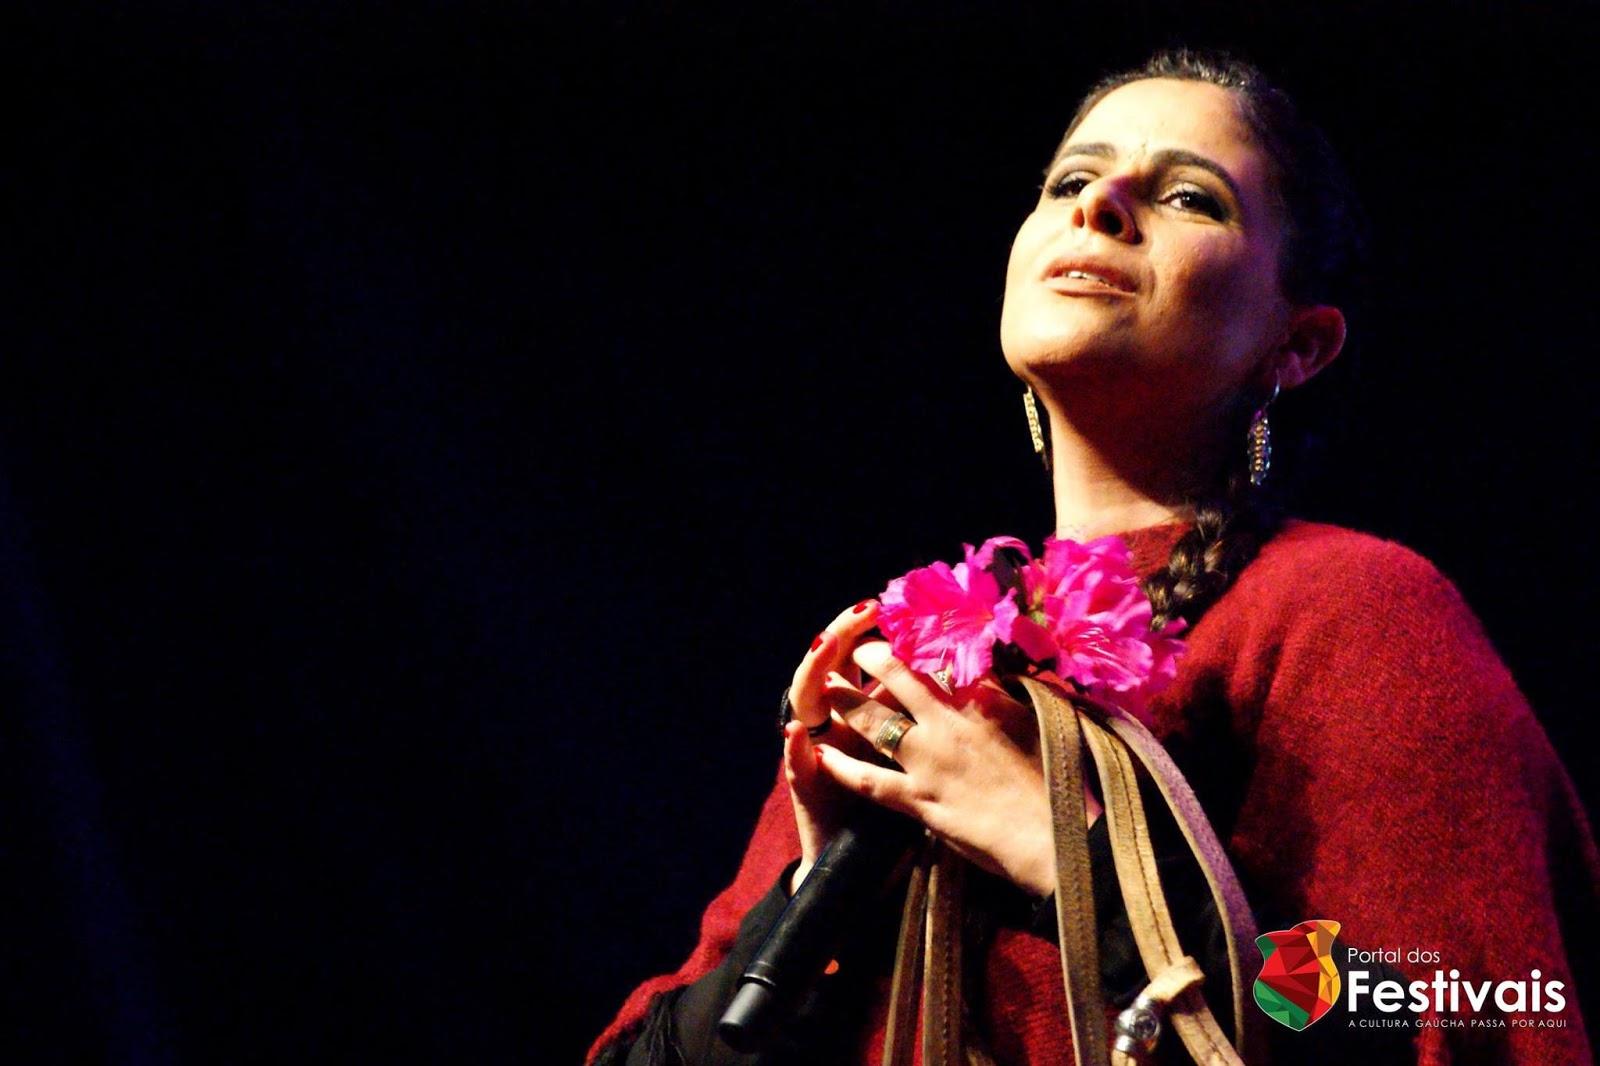 Shana Müller fala sobre a presença feminina nos festivais de música